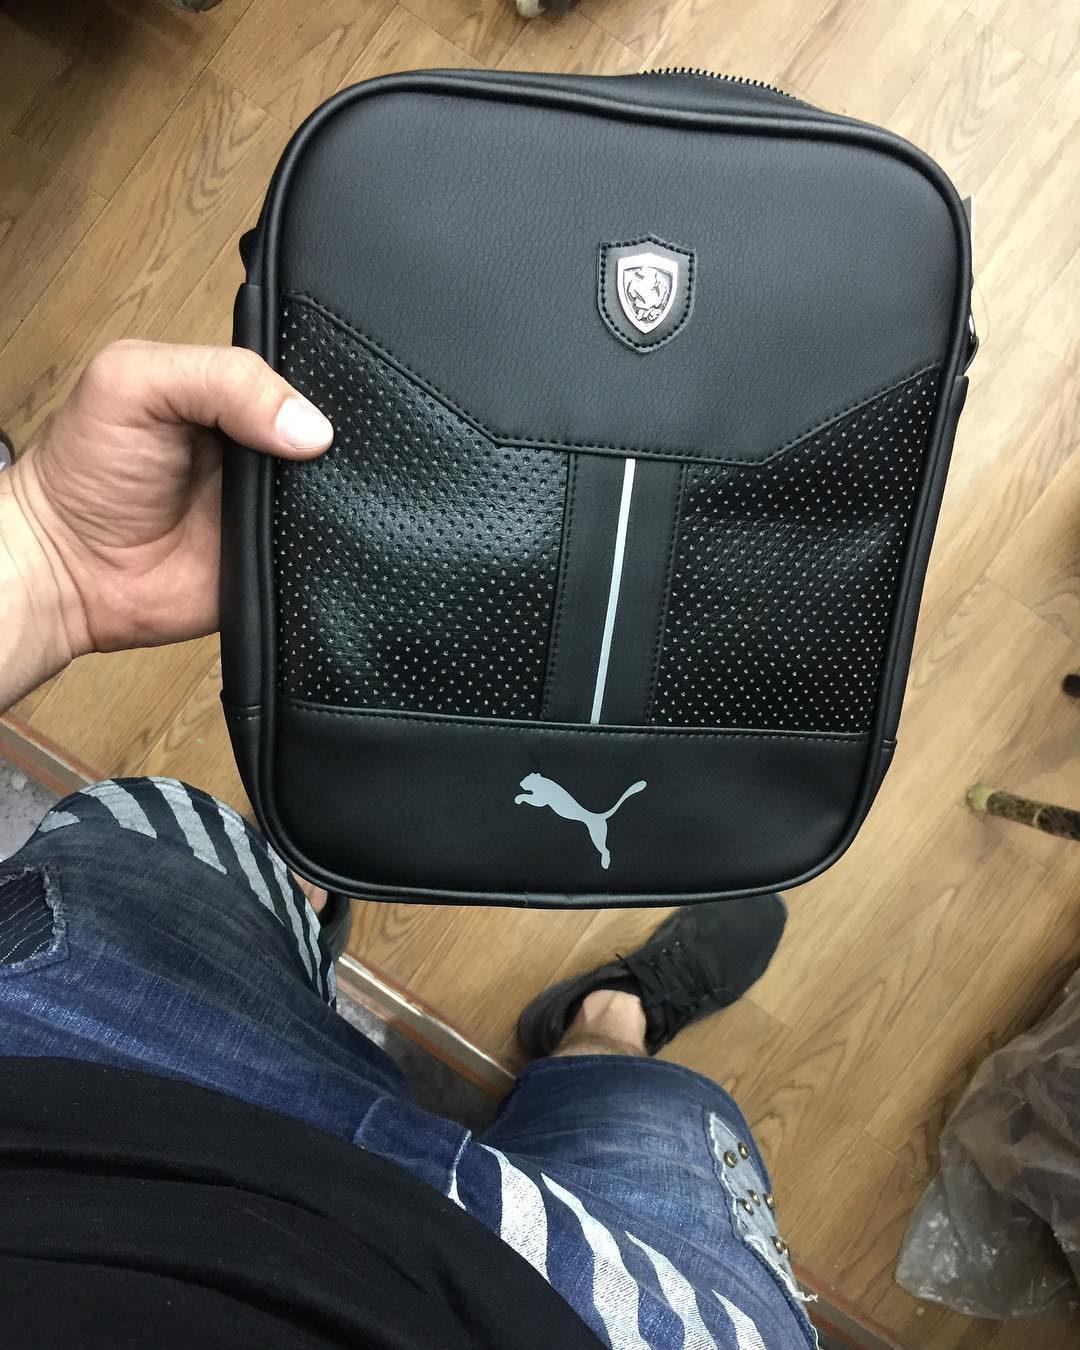 58805447a7d3 Сумка барсетка Puma Ferrari. Цена 1300 сом Материал   эко кожа. Высота 22 см.  Ширина 18 см. Цвет чёрный, белый, красный. тел 0702795680 (WhatsApp) ...